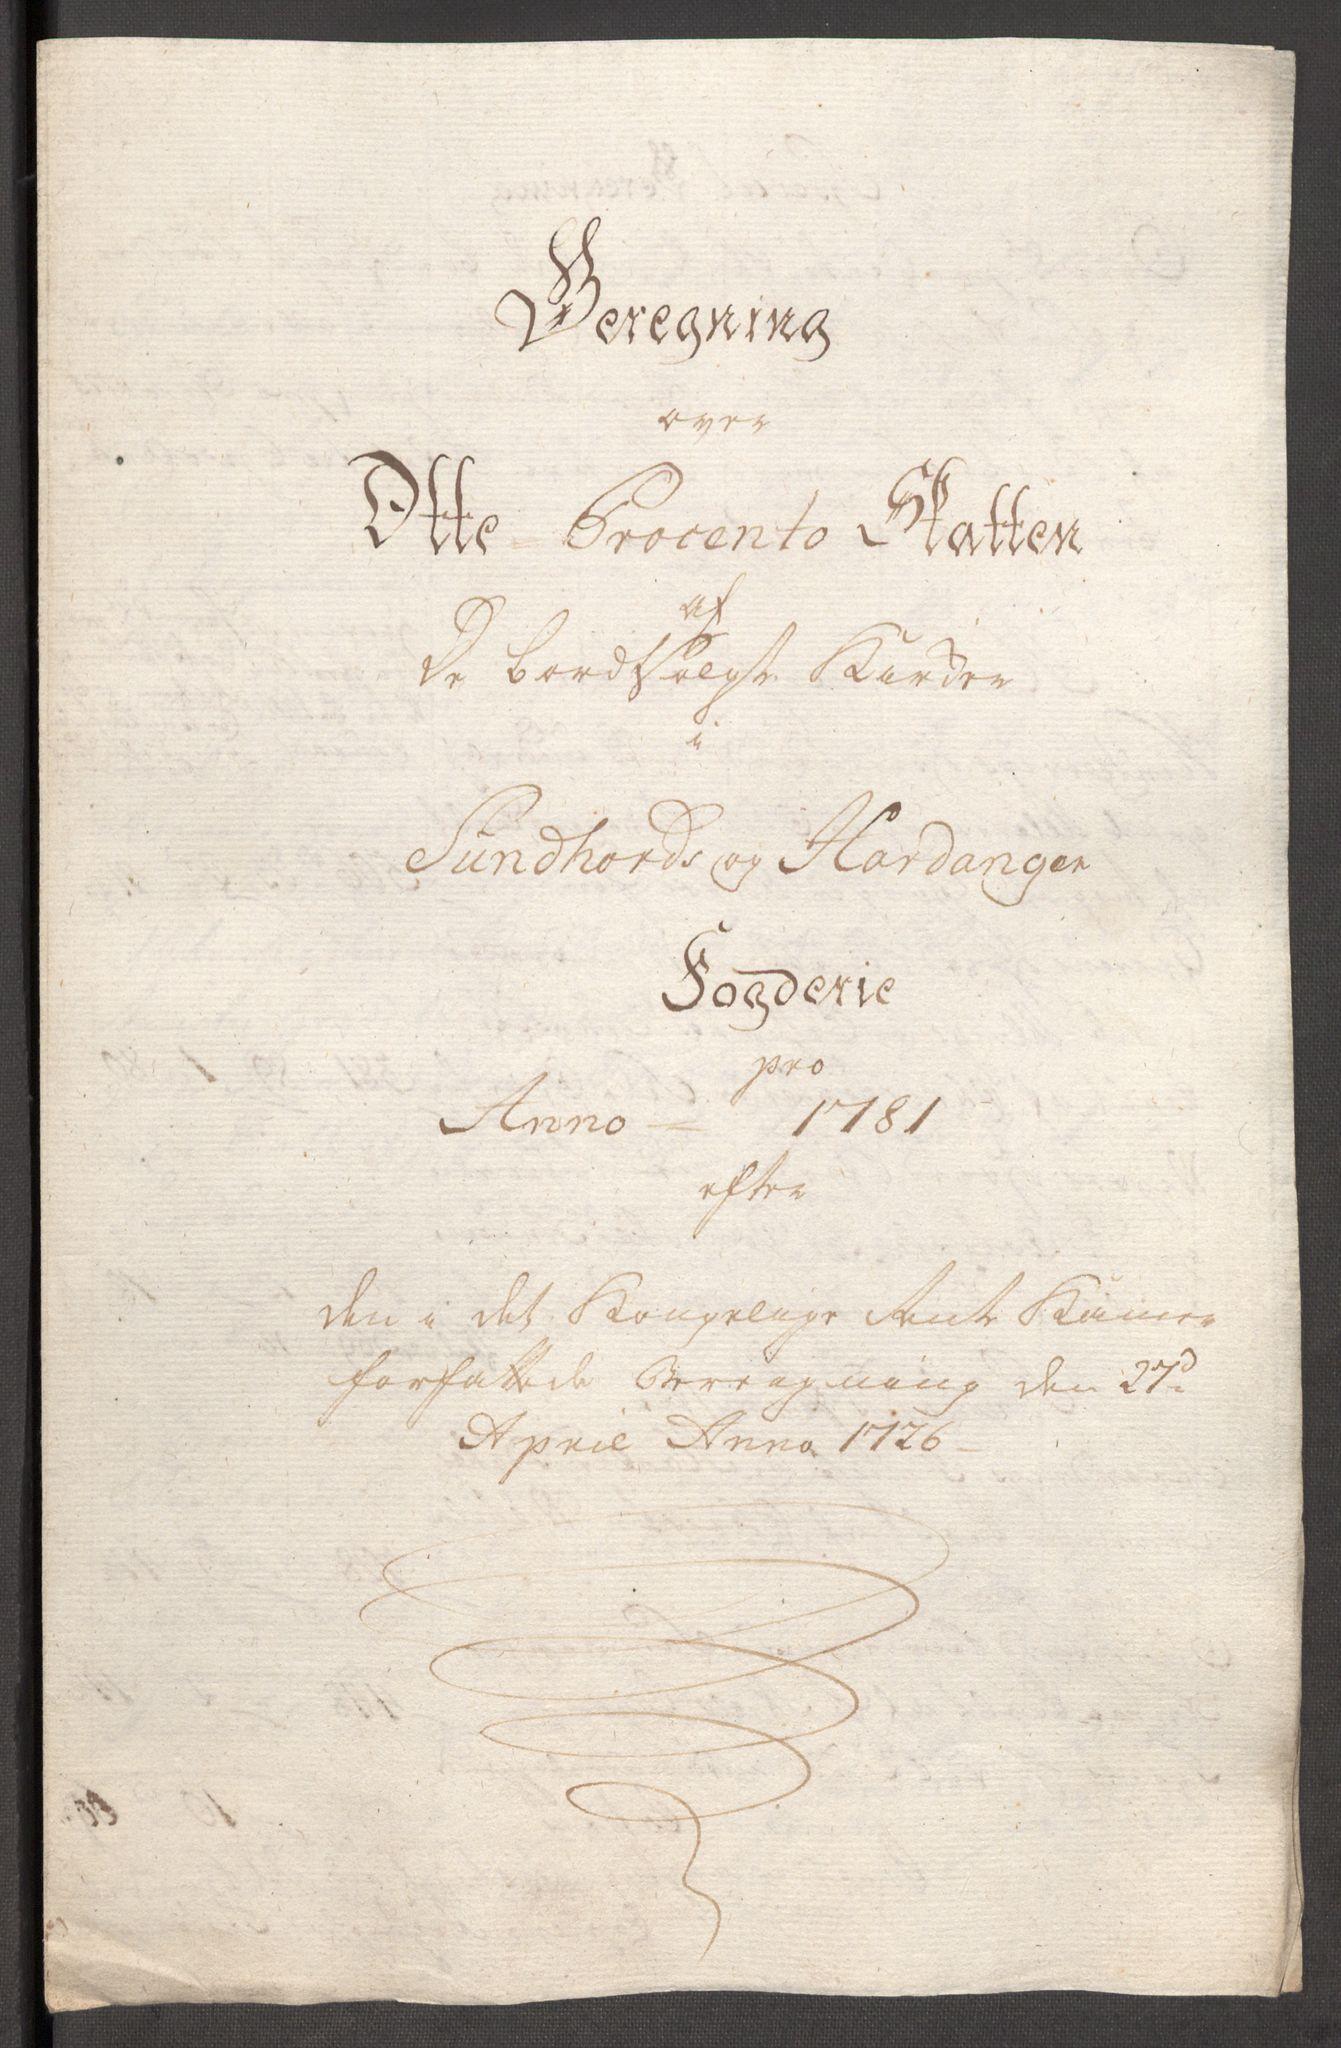 RA, Rentekammeret inntil 1814, Reviderte regnskaper, Fogderegnskap, R48/L3097: Fogderegnskap Sunnhordland og Hardanger, 1781, s. 99